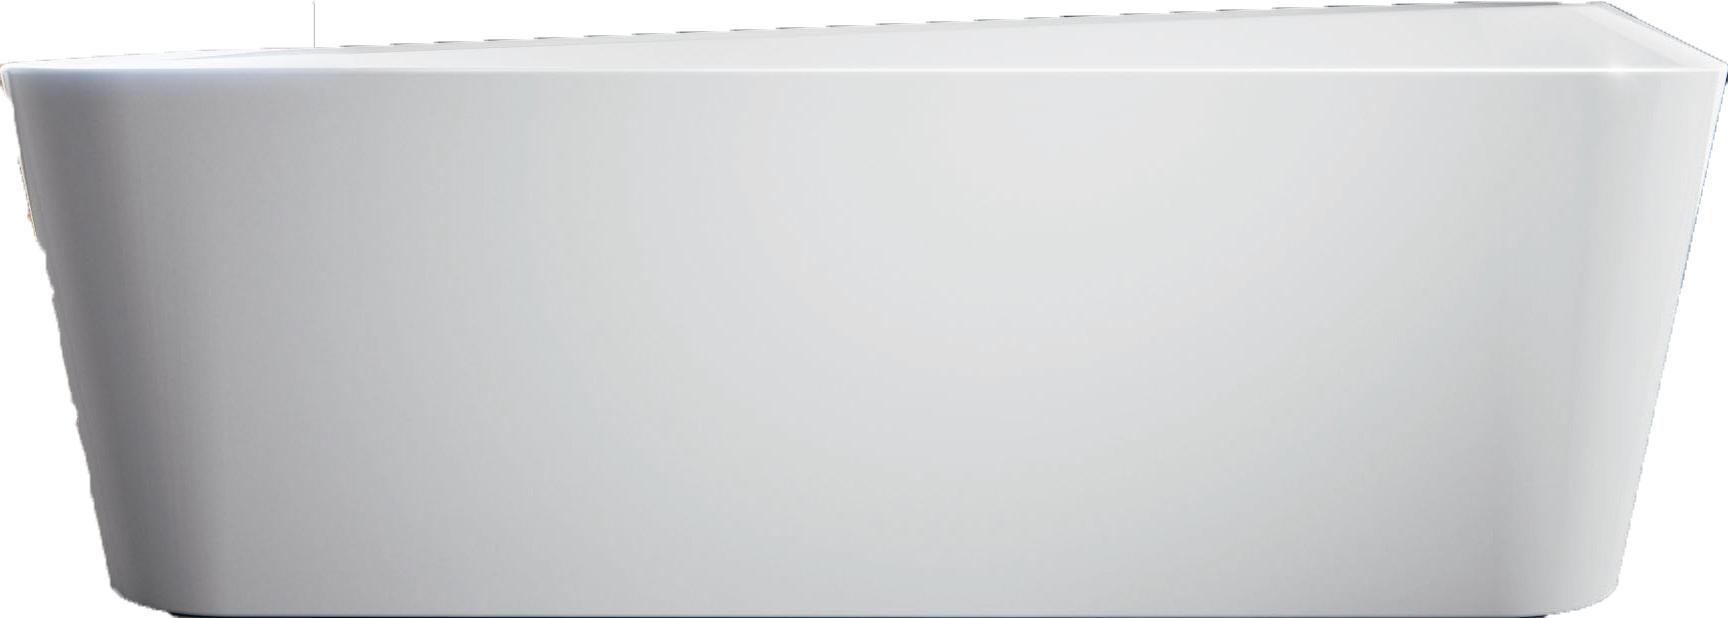 Roca-Badewanne-Freisteller